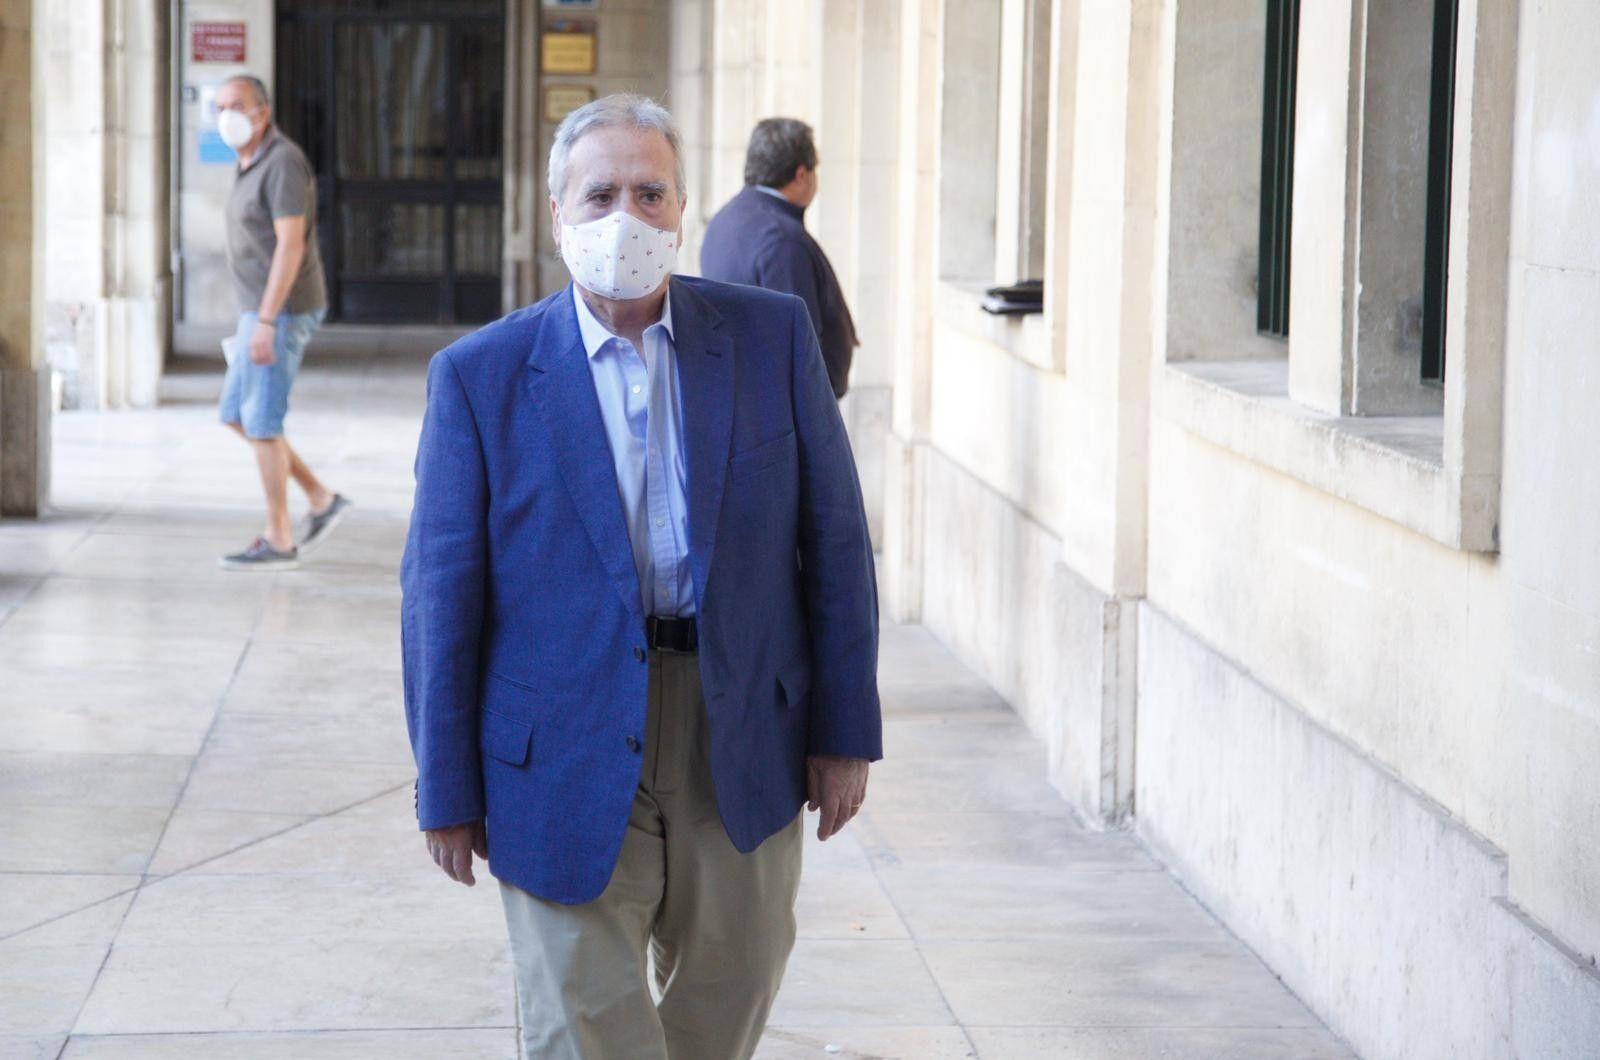 Nueva jornada del juicio sobre el supuesto amaño del PGOU de Alicante